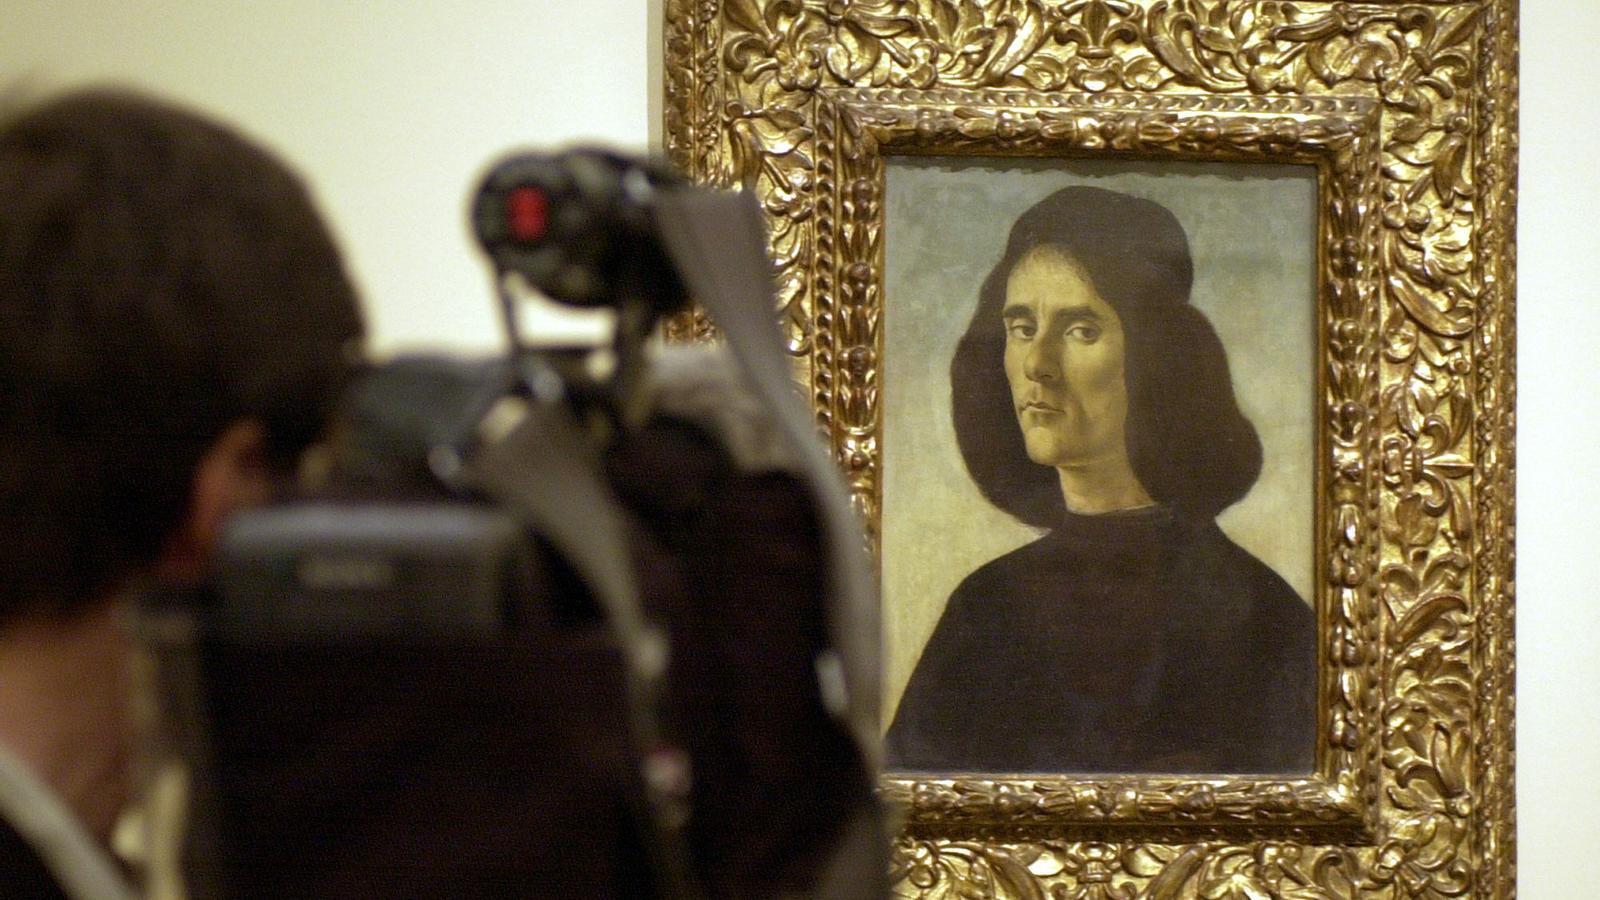 'Retrat de Michele Marullo Tarcaniota', de Botticelli, quan va ser presentat al Prado el 2004.